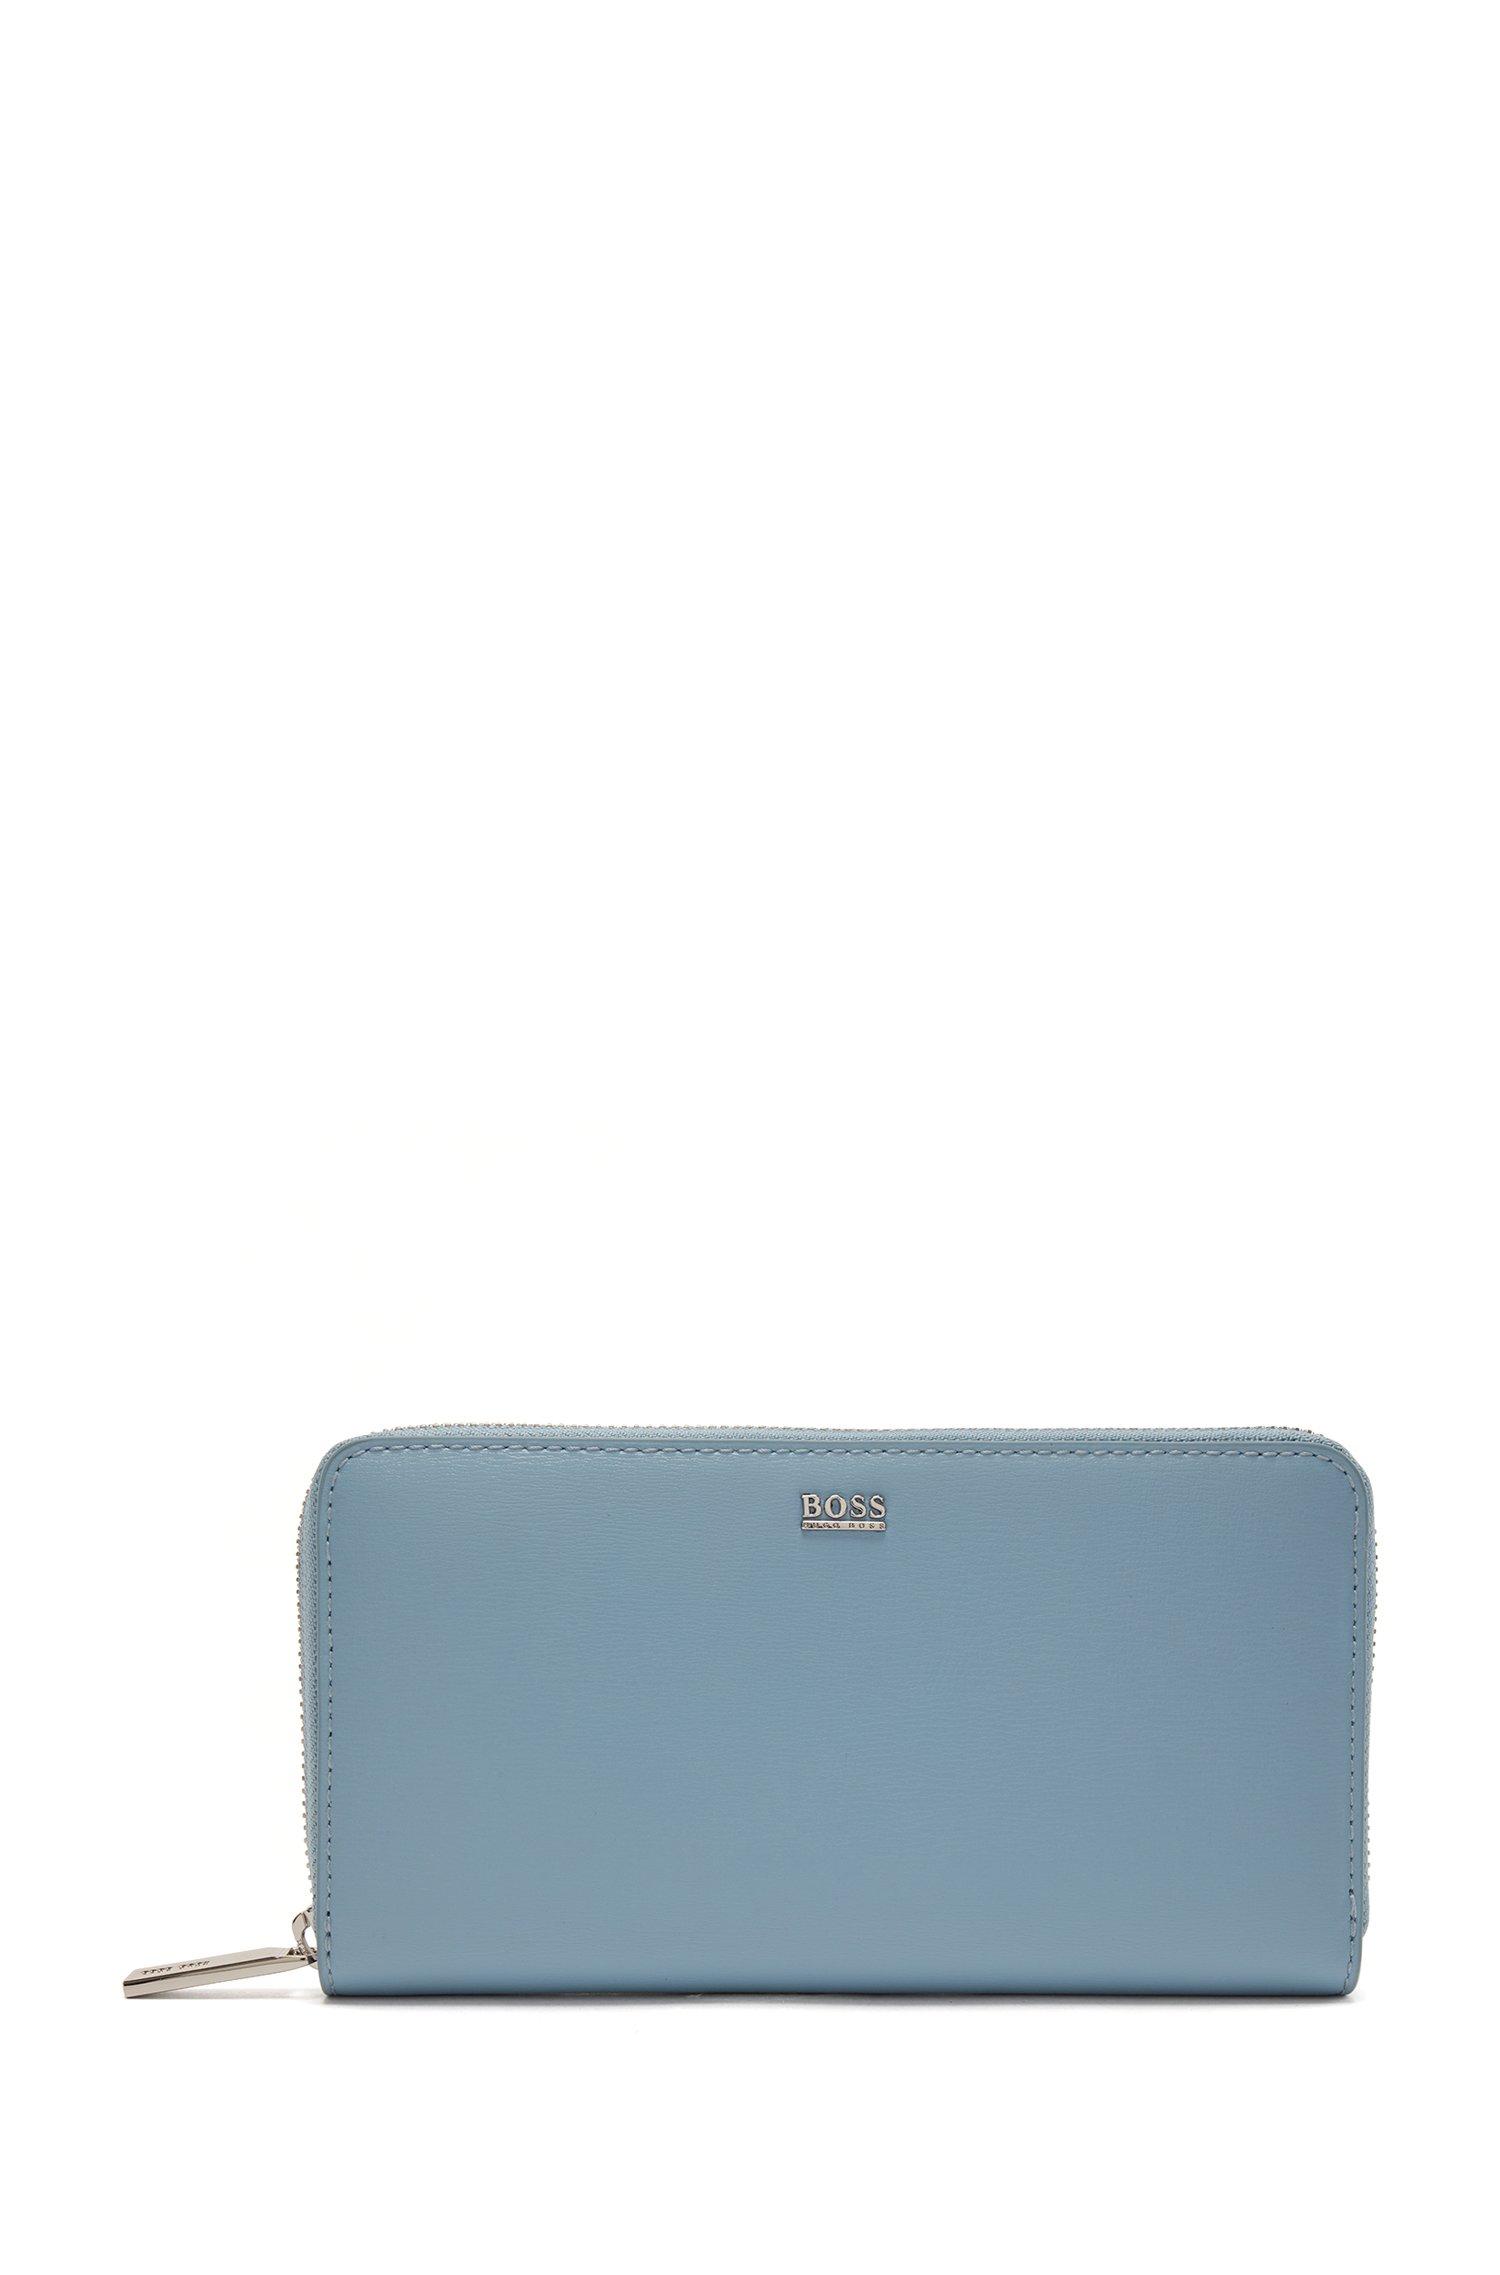 Portefeuille zippé en cuir structuré avec logo poli, bleu clair